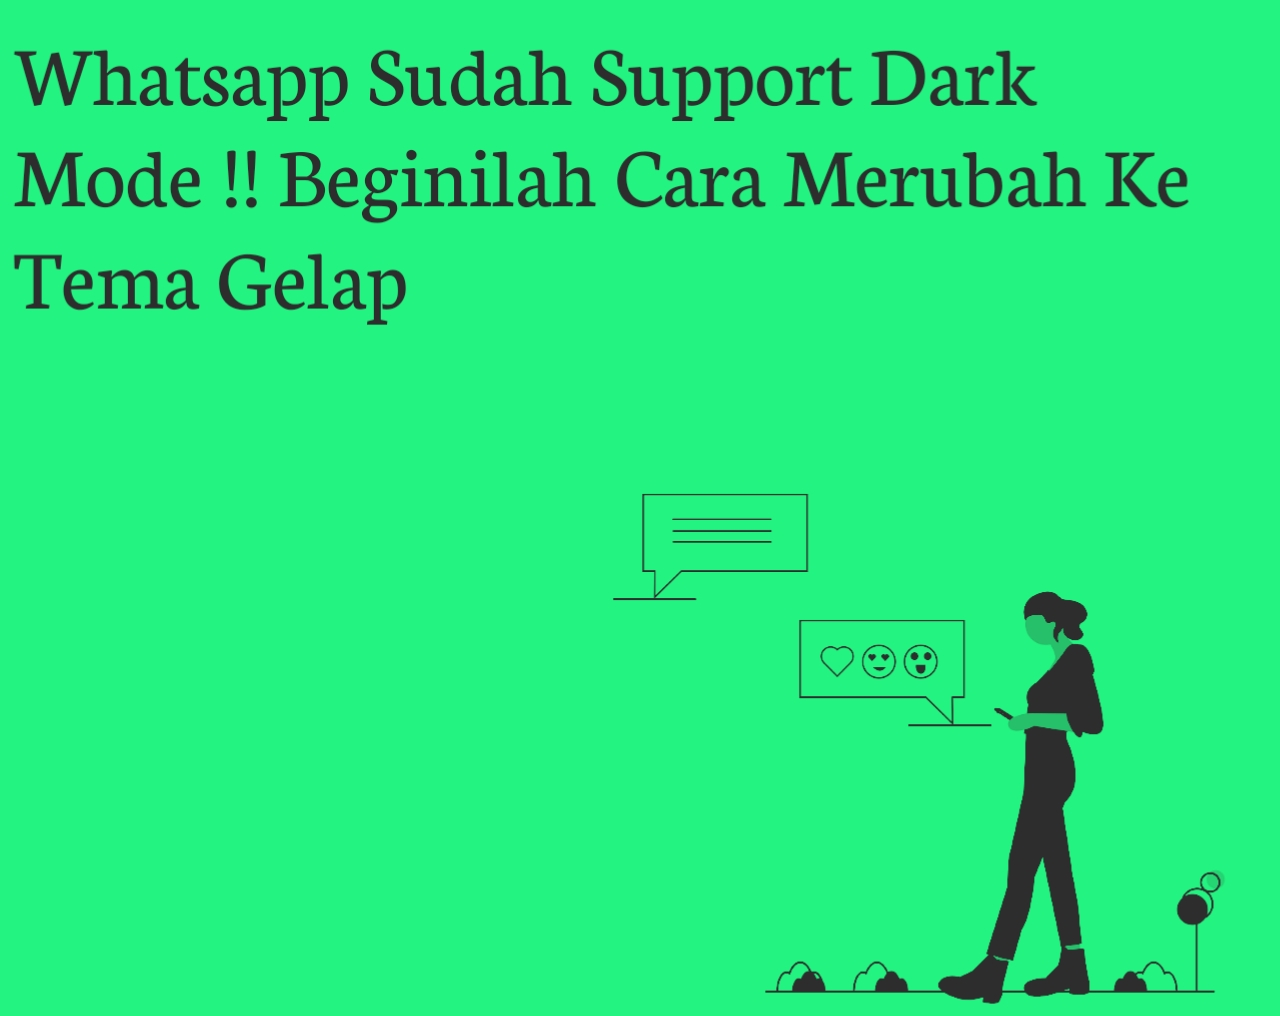 Whatsapp Sudah Support Dark Mode !! Beginilah Cara Merubah Ke Tema Gelap